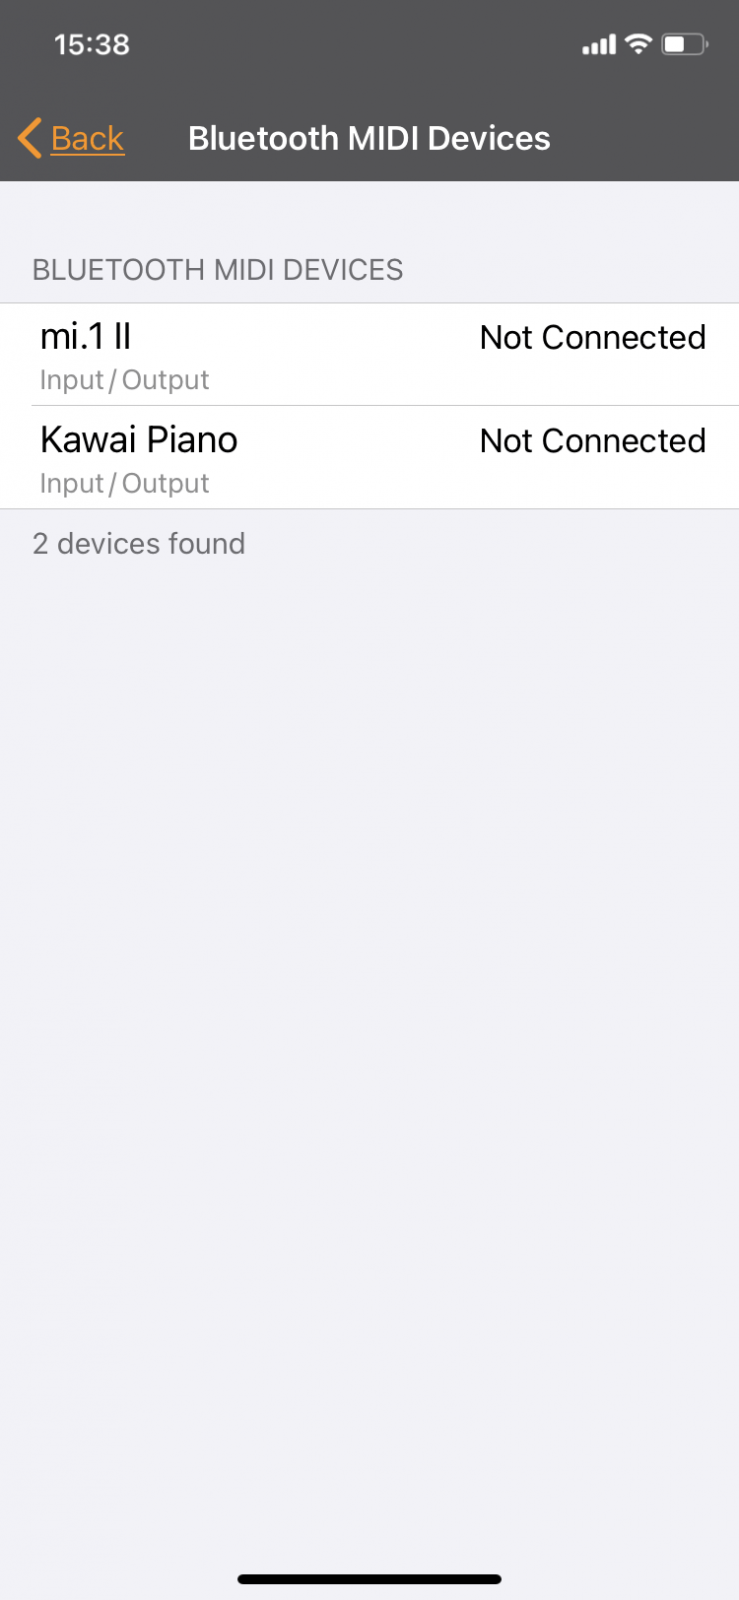 1. Öffnen Sie die BT MIDI Geräte Einstellung in Ihrer App. Wählen Sie dann das mi.1 II aus der Liste aus.